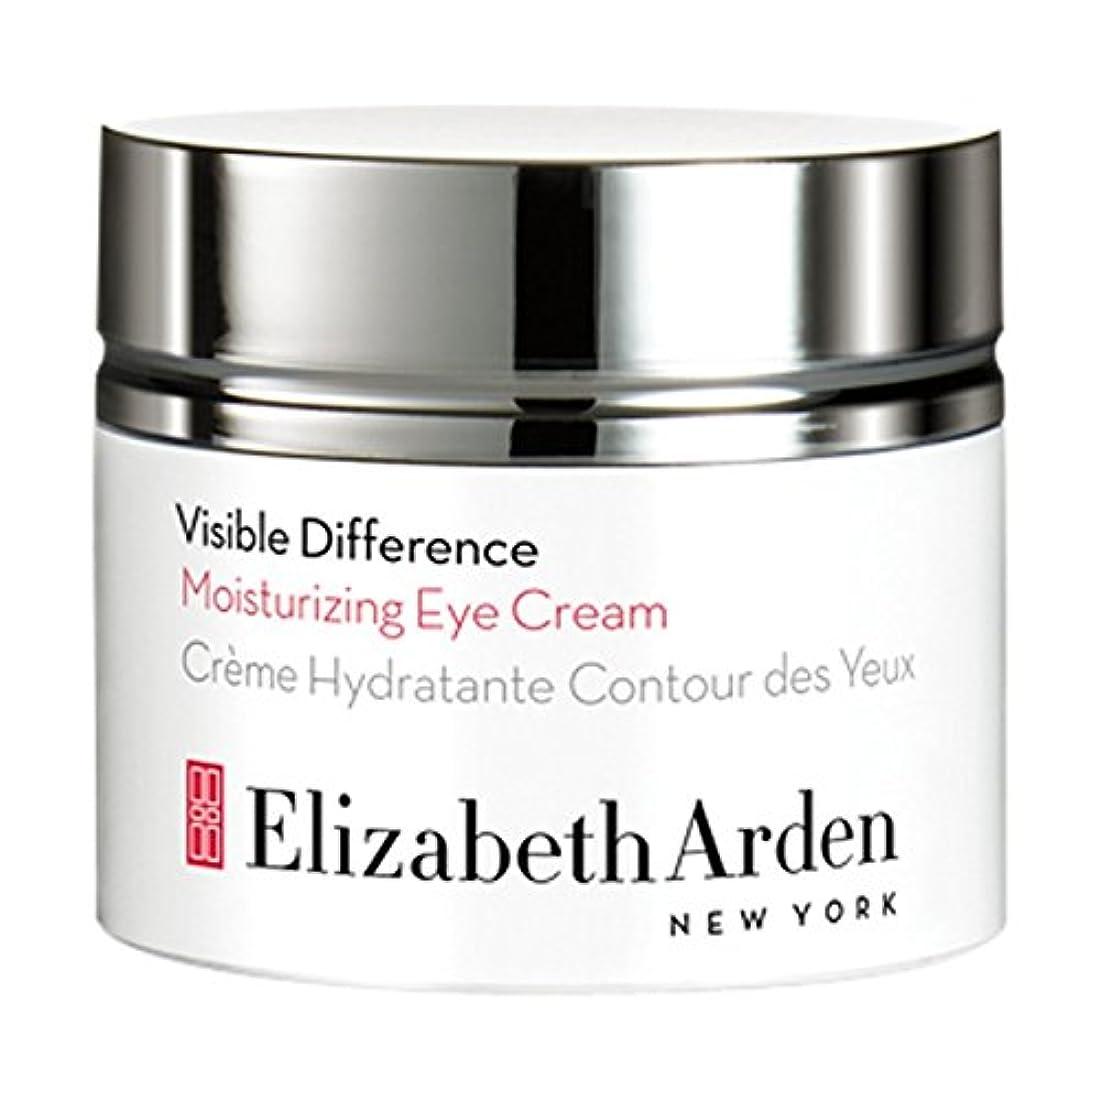 どこでもエリート生物学Elizabeth Arden Visible Difference Moisturizing Eye Cream 15ml - エリザベスは、目に見える差保湿アイクリーム15ミリリットルをアーデン [並行輸入品]